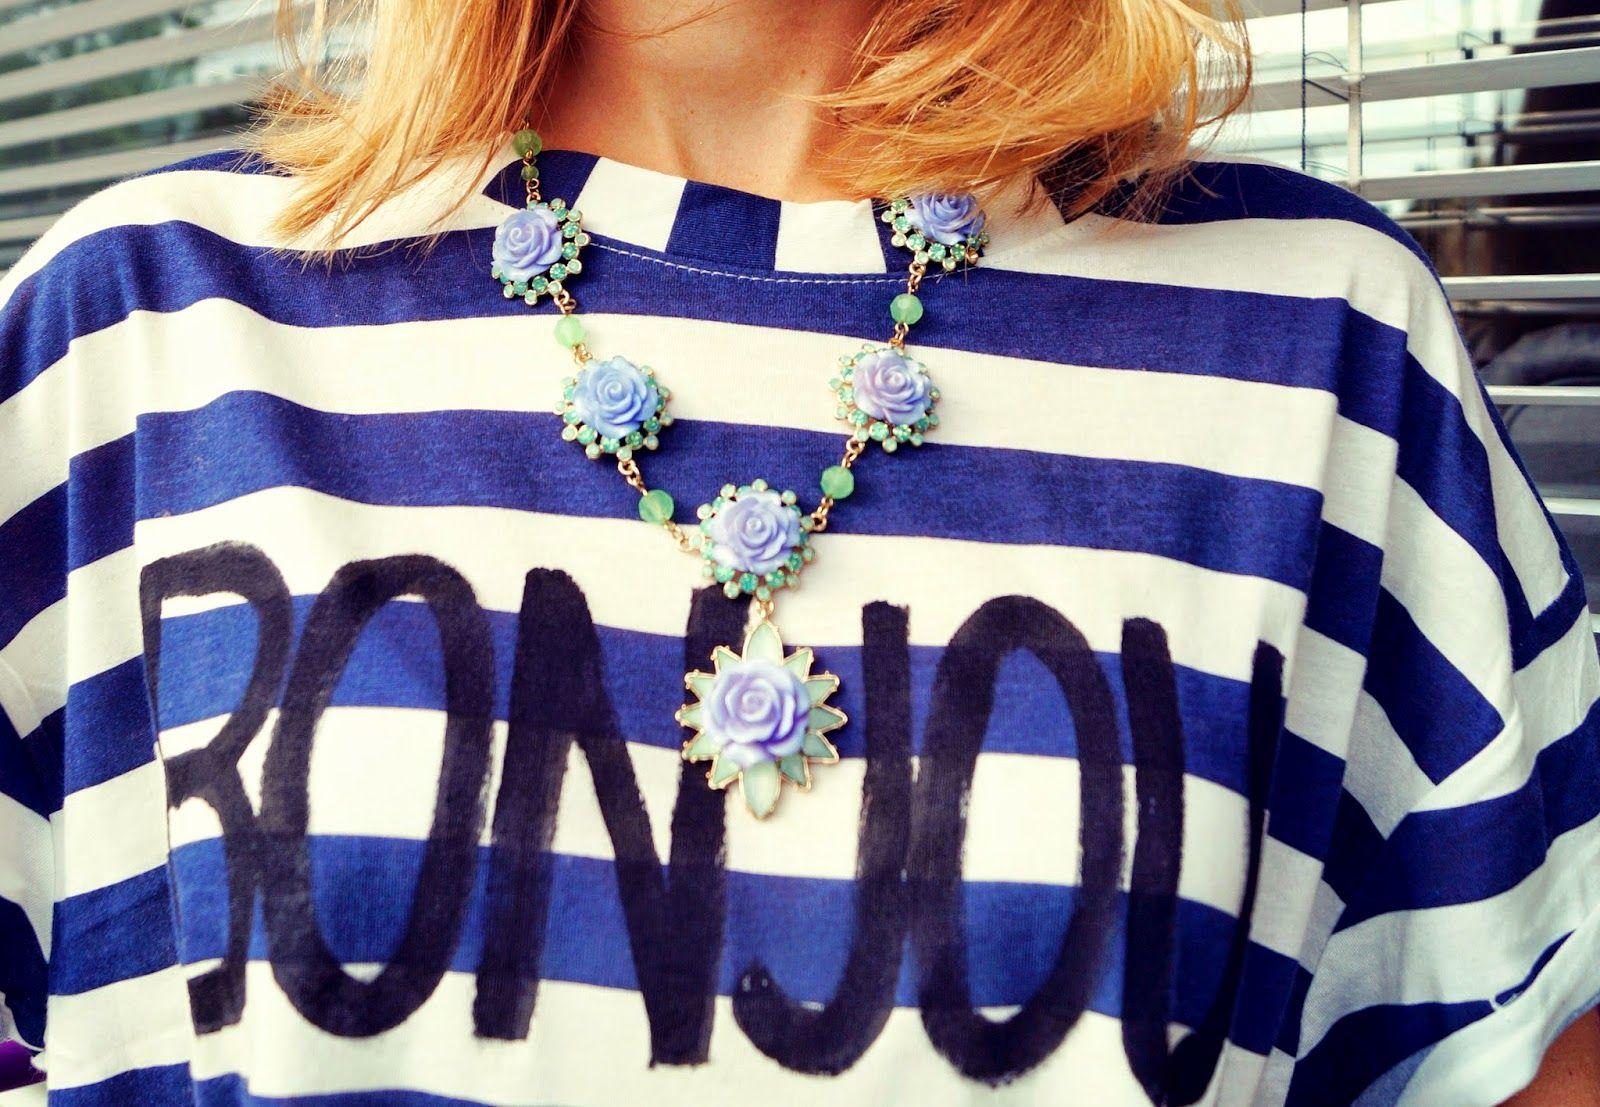 #diy #striped  #bonjour shirt   wildsau weissblau